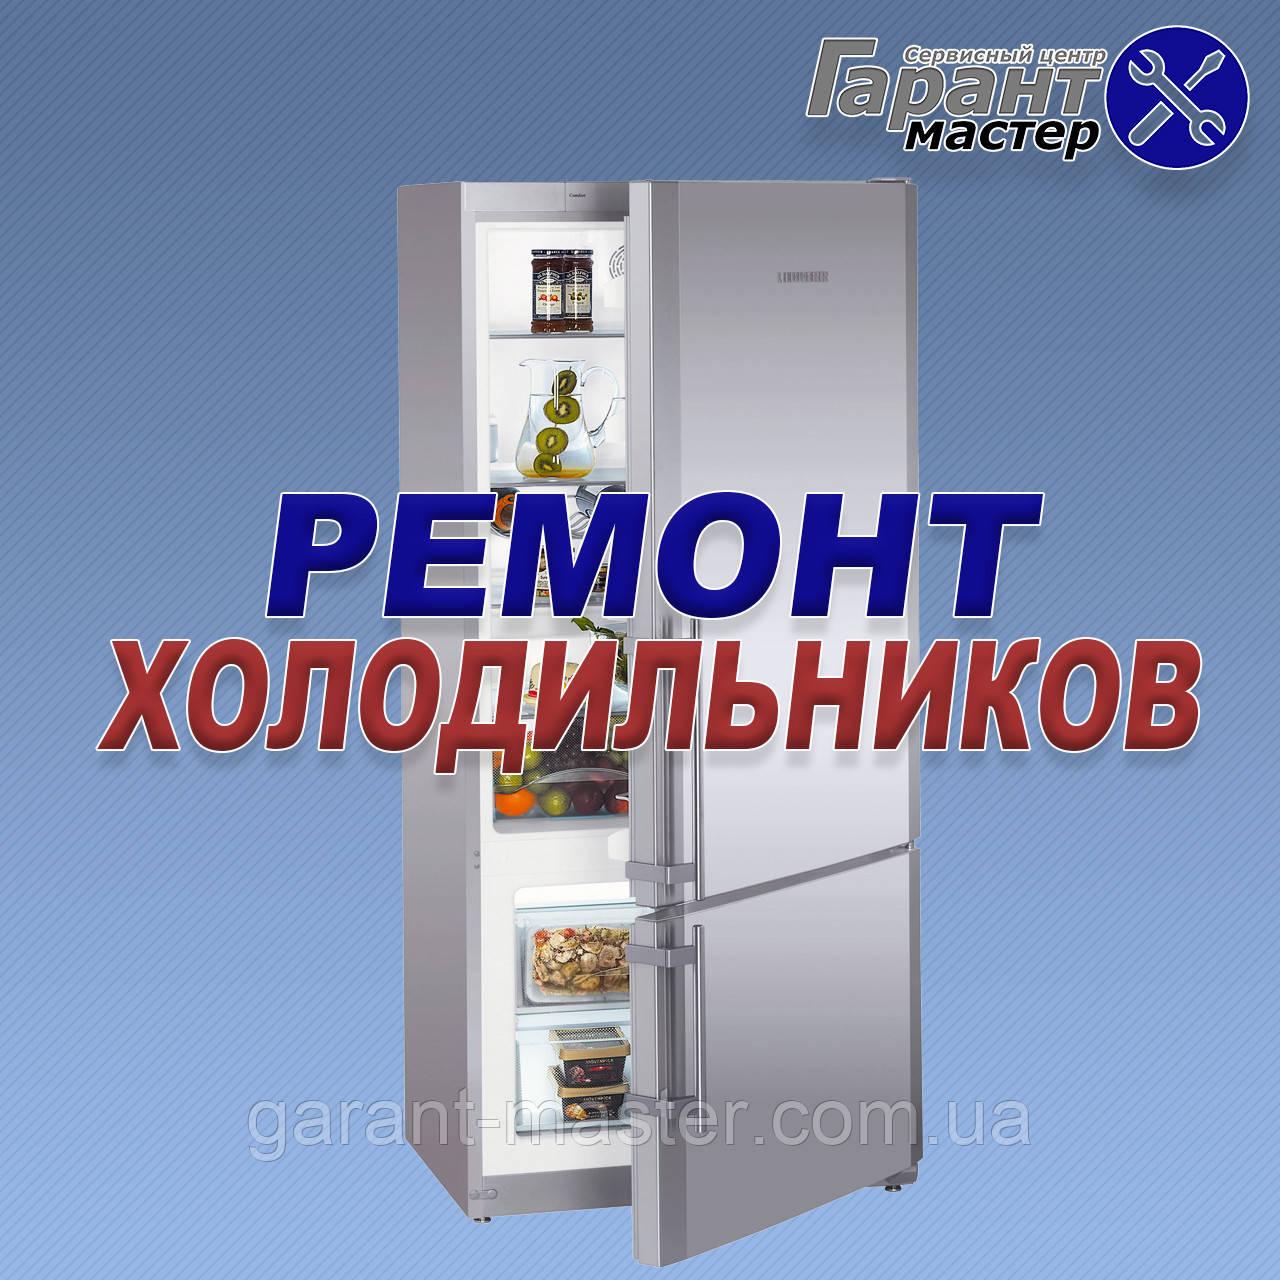 Заправка холодильника хладагентом (фреоном) в Белой Церкви